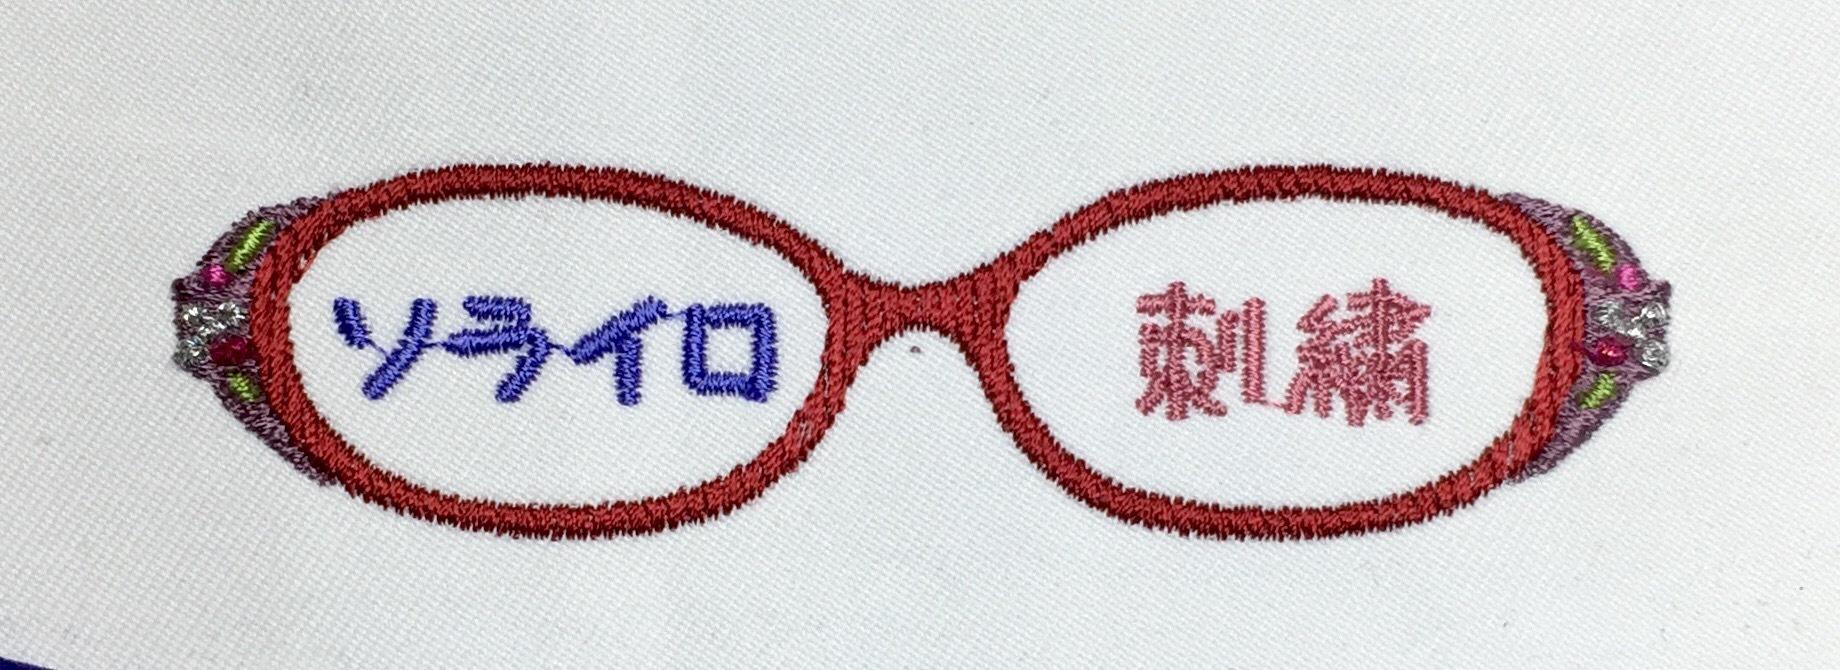 ソライロ刺繍の刺繍_e0385587_14520700.jpeg